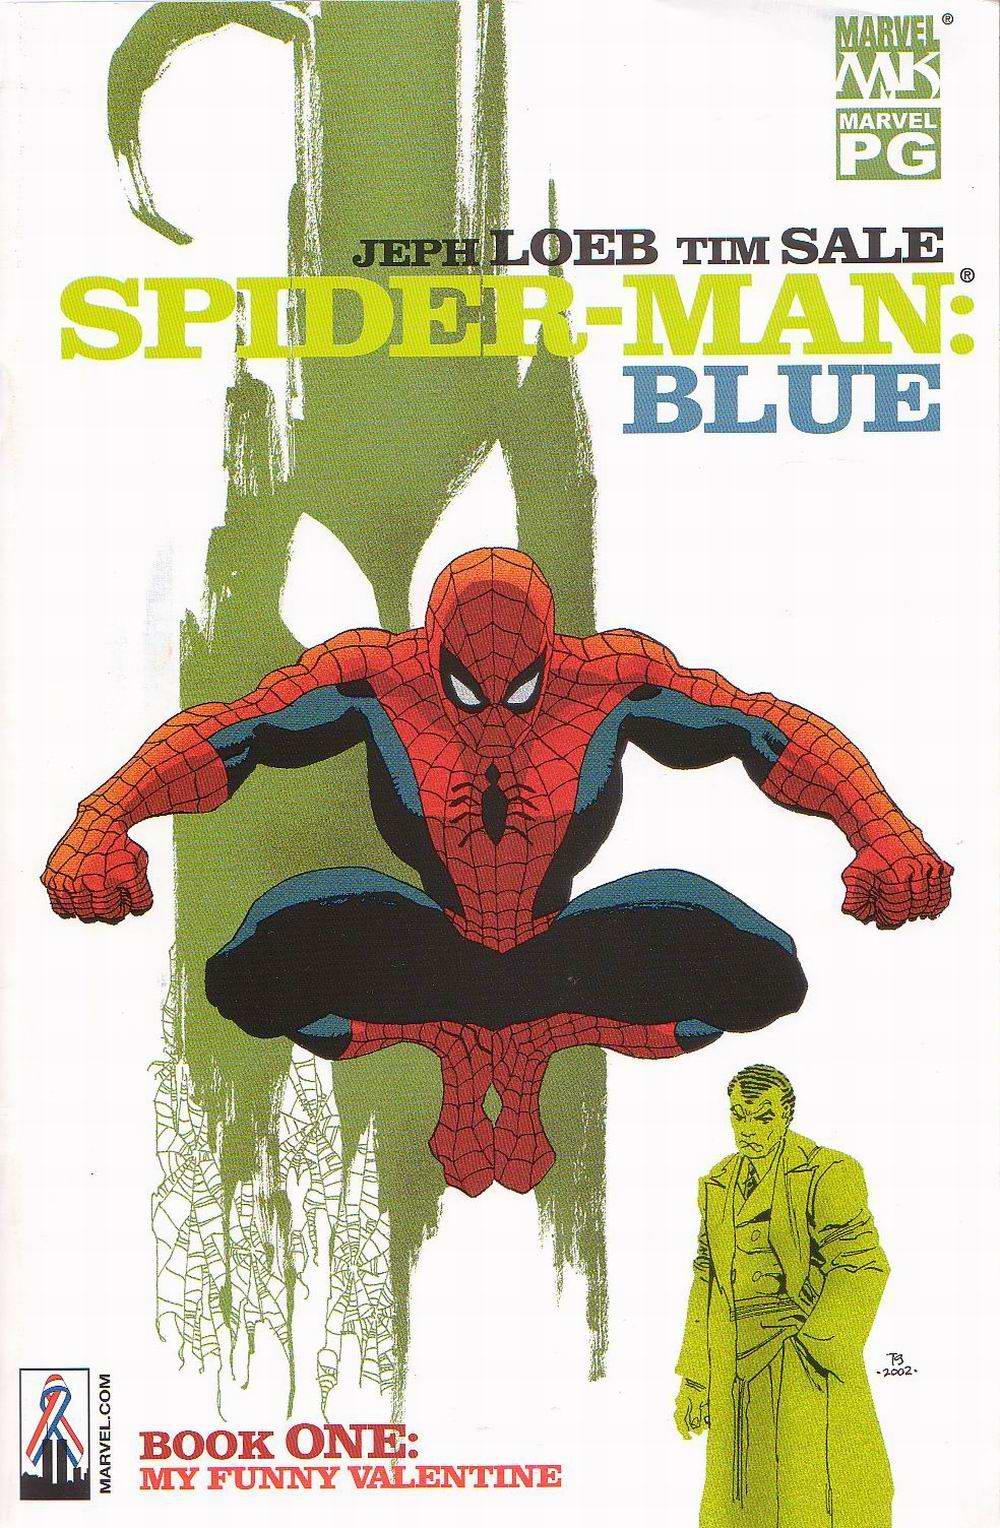 Человек-паук: Рейми или Уэбб? - Изображение 7